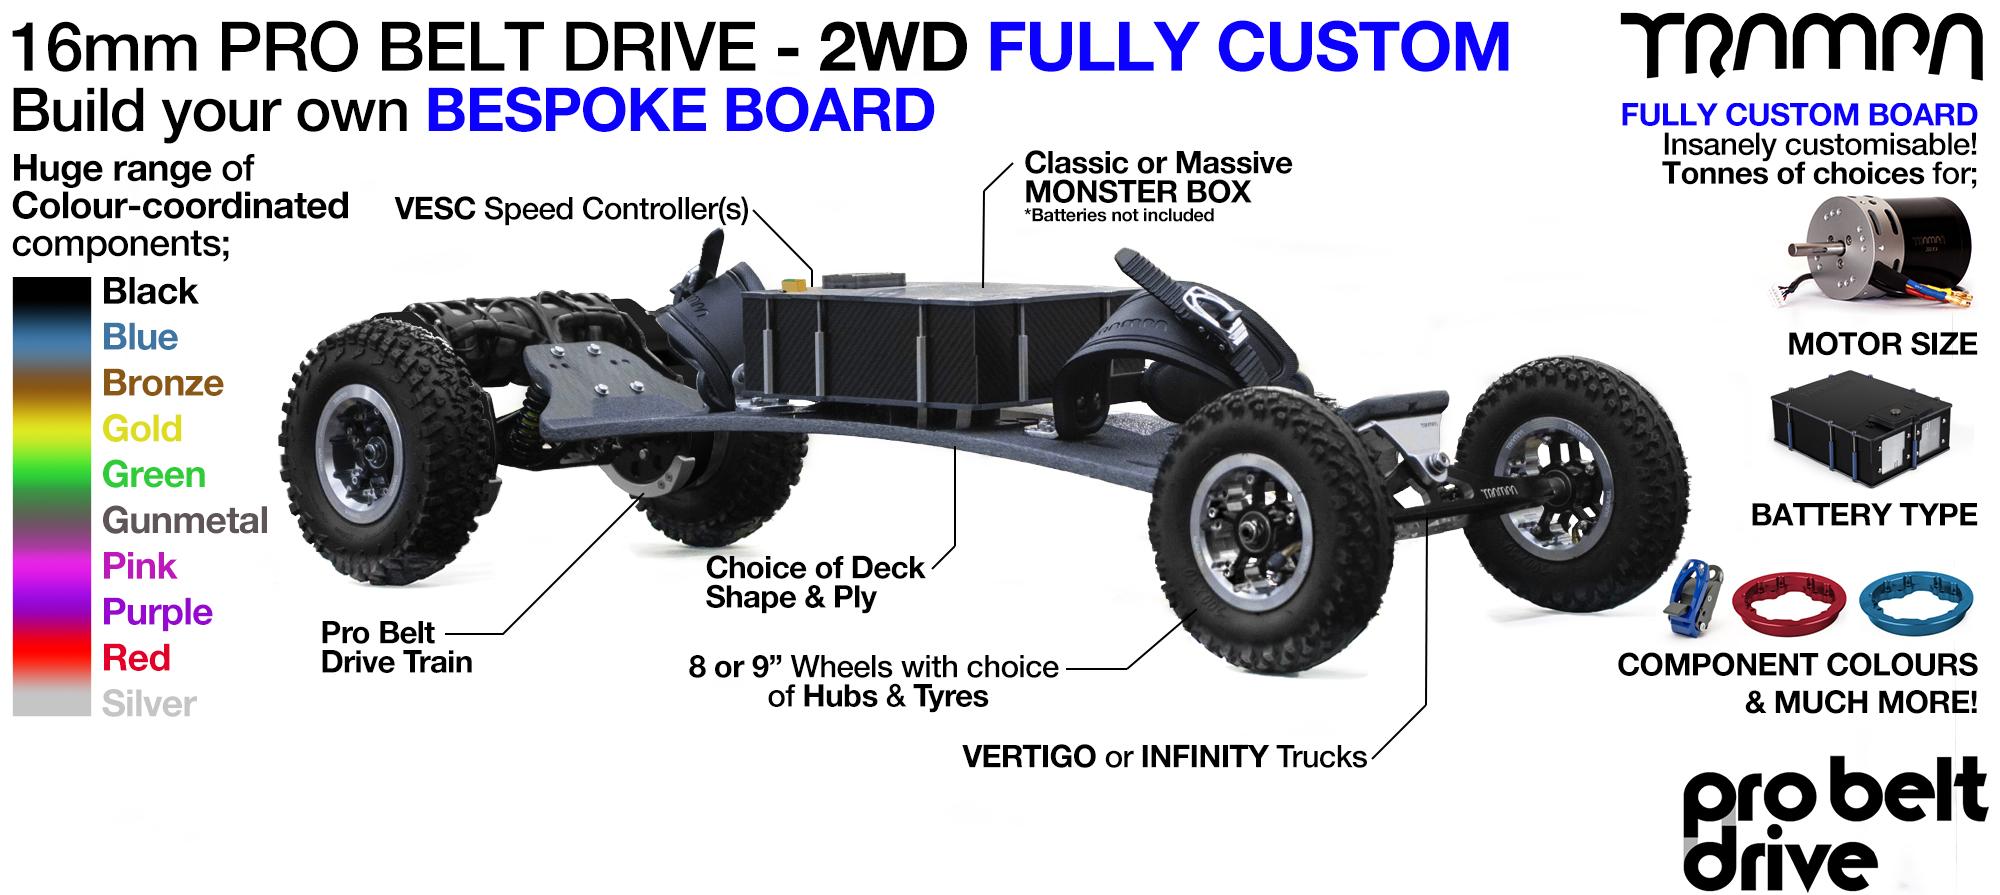 Electric Mountainboard PRO BELT DRIVE - 2WD CUSTOM